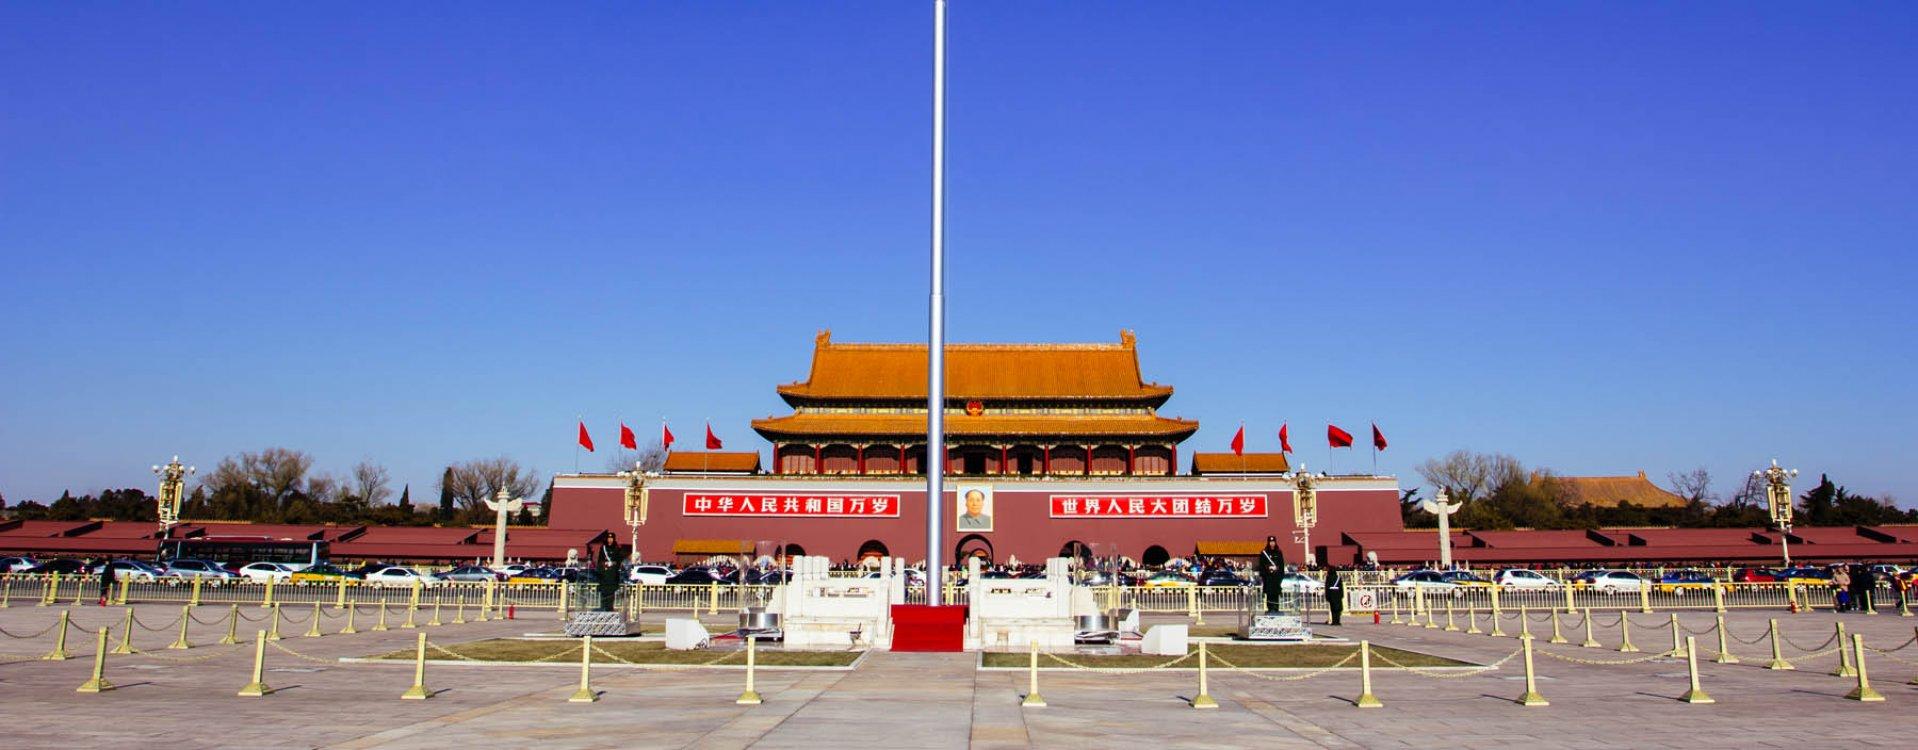 Plein van de Hemelse Vrede, Beijing